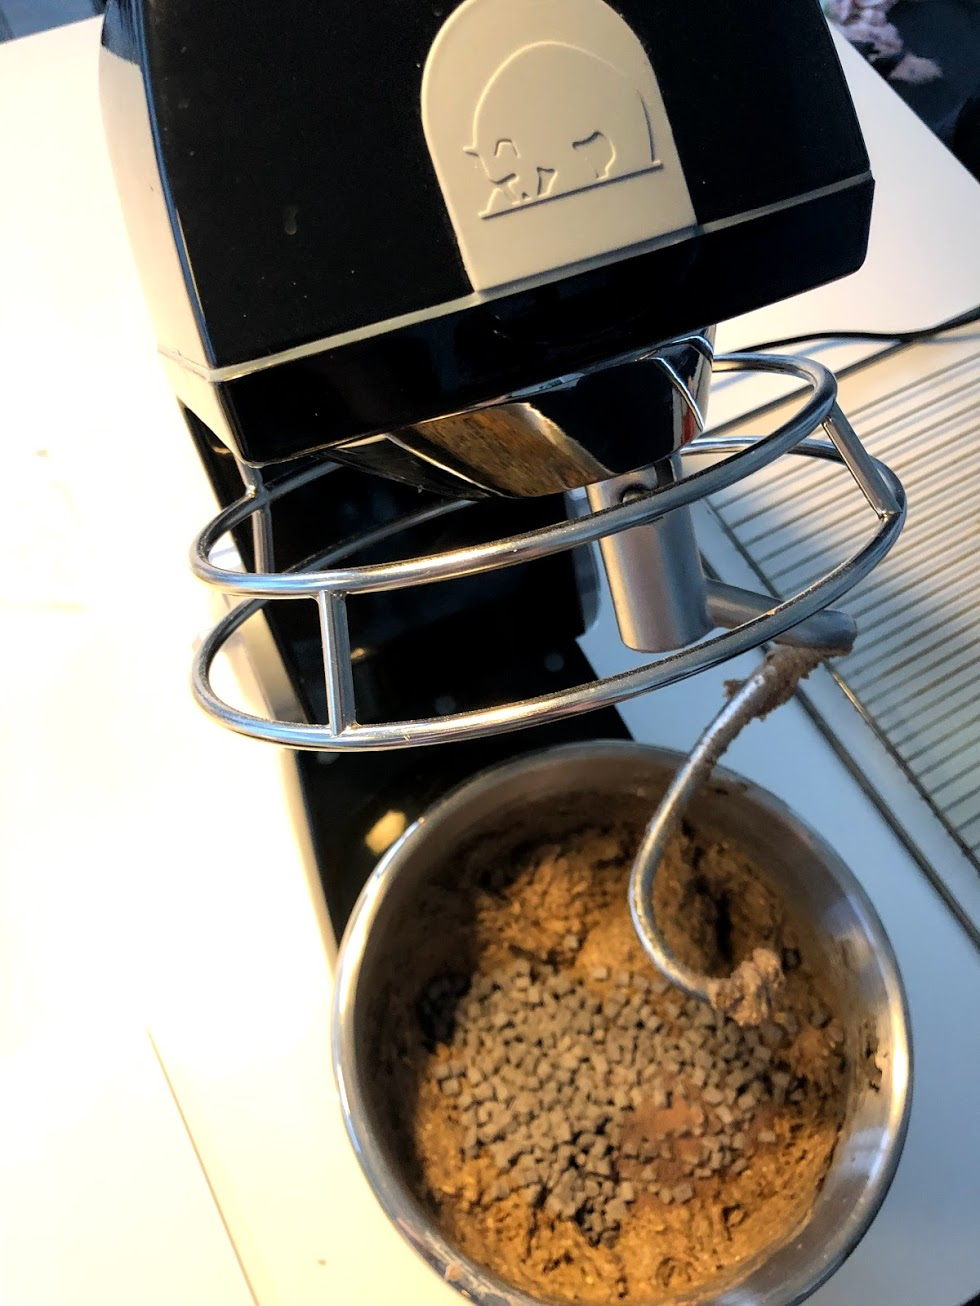 minirugbrød med chokolade chokoladestykker stykker opskrift på hjemmelavede rugbrødshapsere madkasserugbrød madpakkerugbrød til madkassen madpakken opskrift